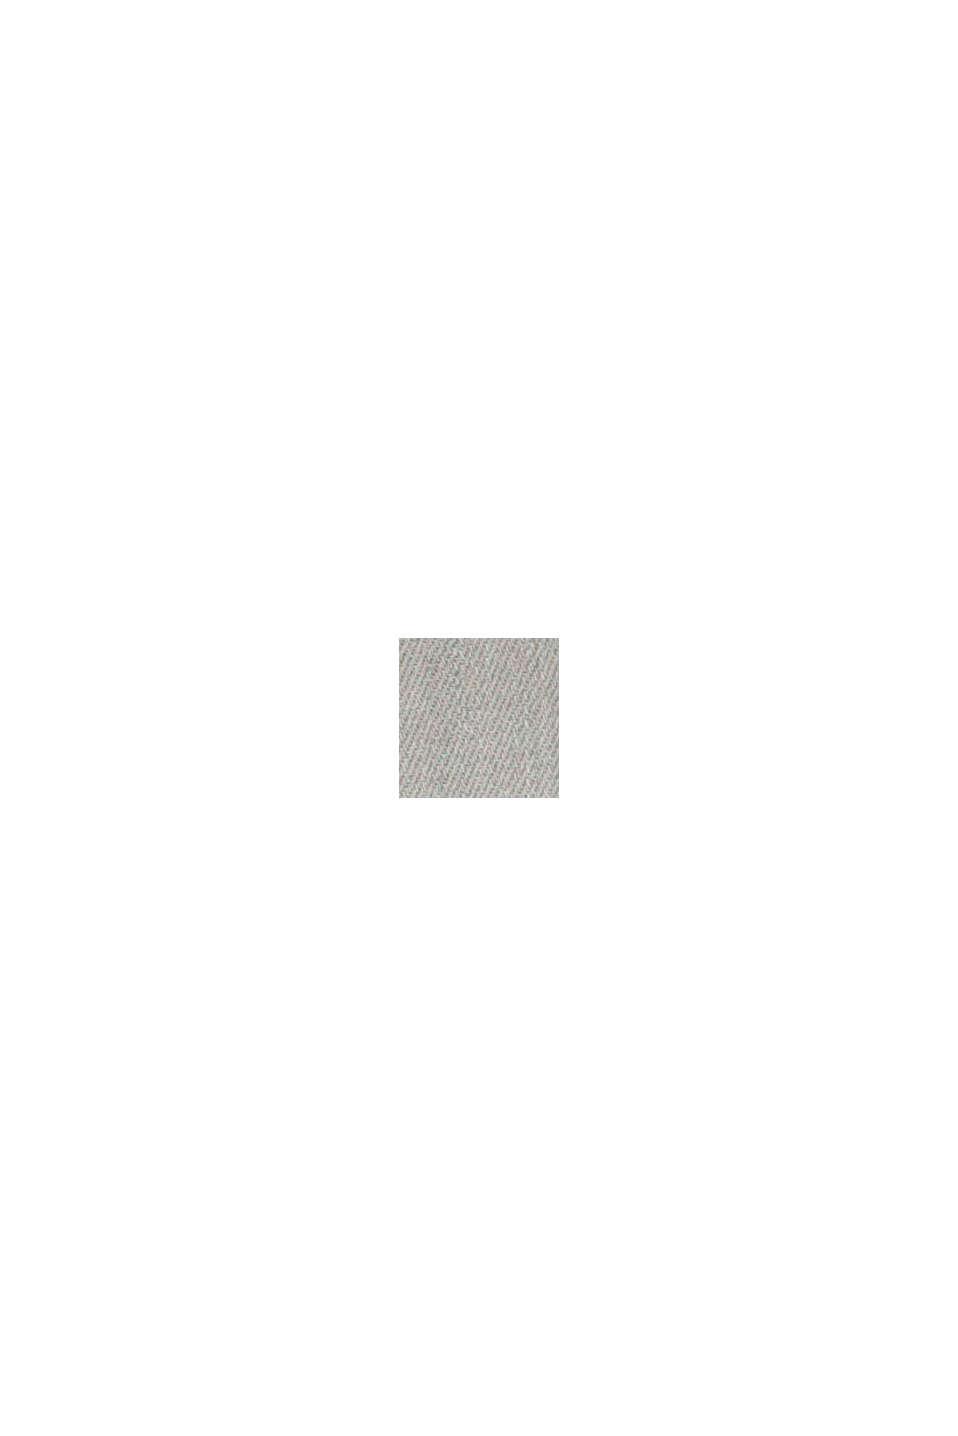 Jeans-Bermudas mit elastischem Bund, GREY MEDIUM WASHED, swatch